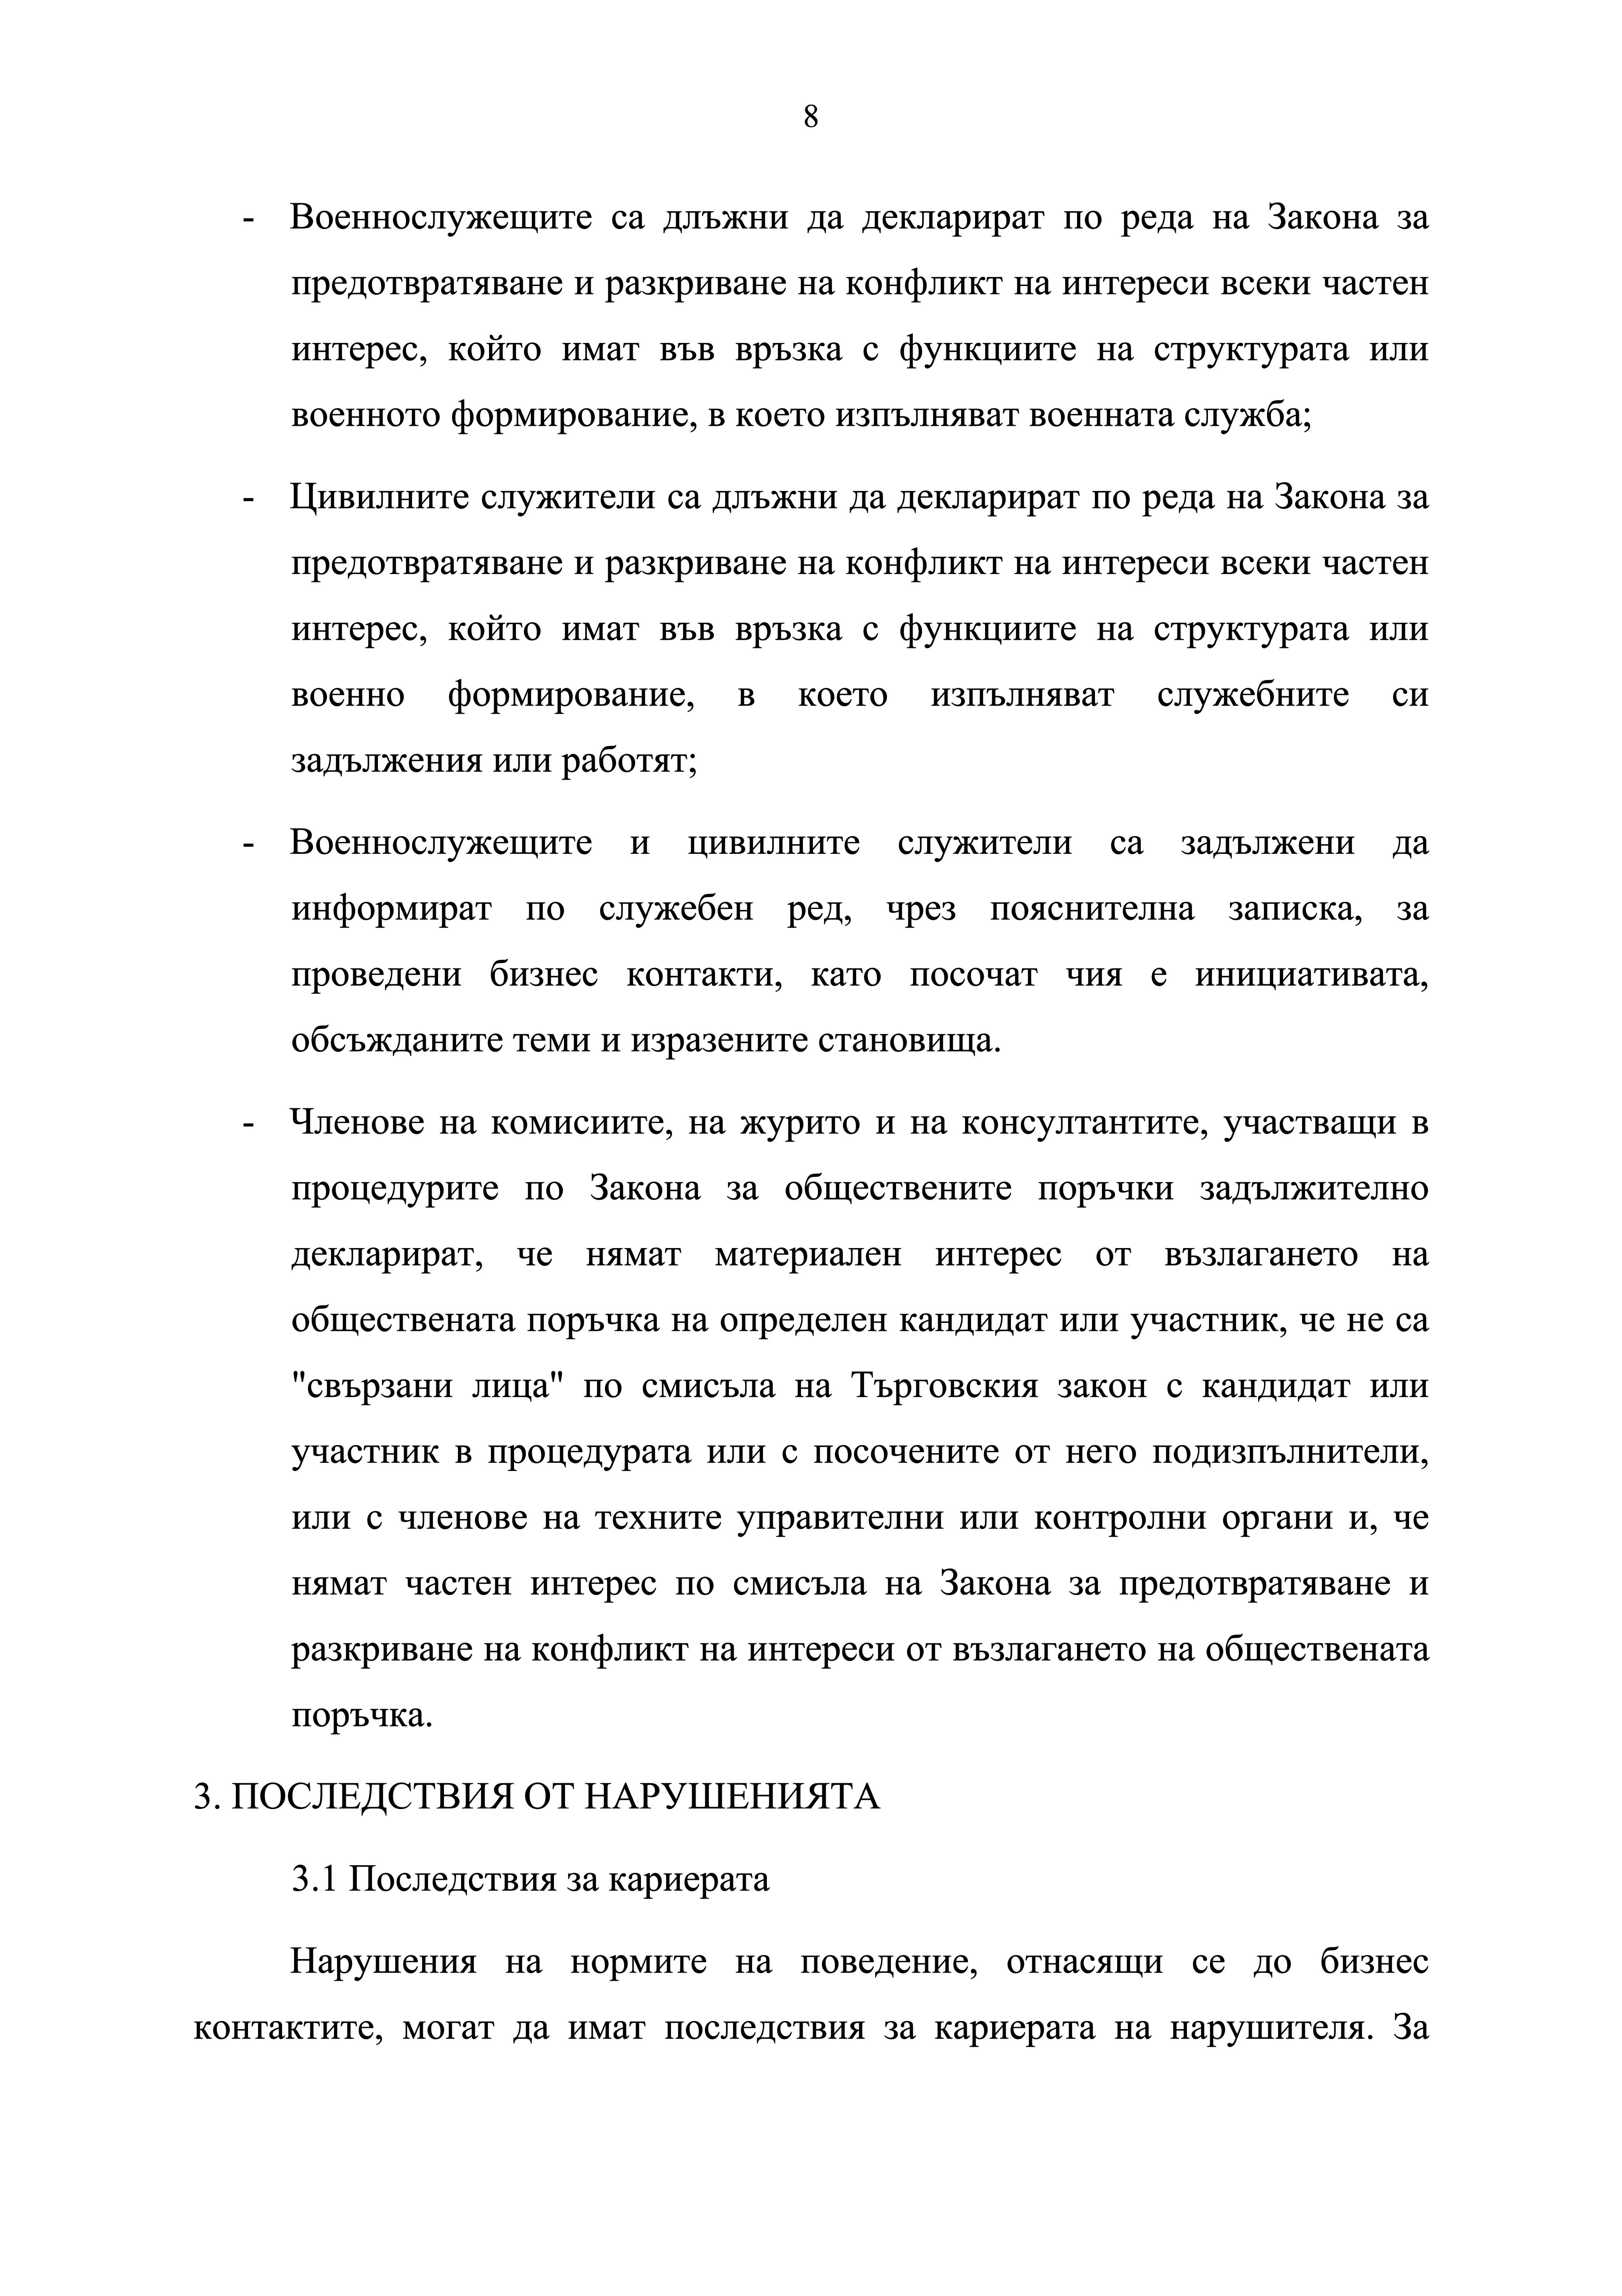 kodeks_etichno_povedenie_008